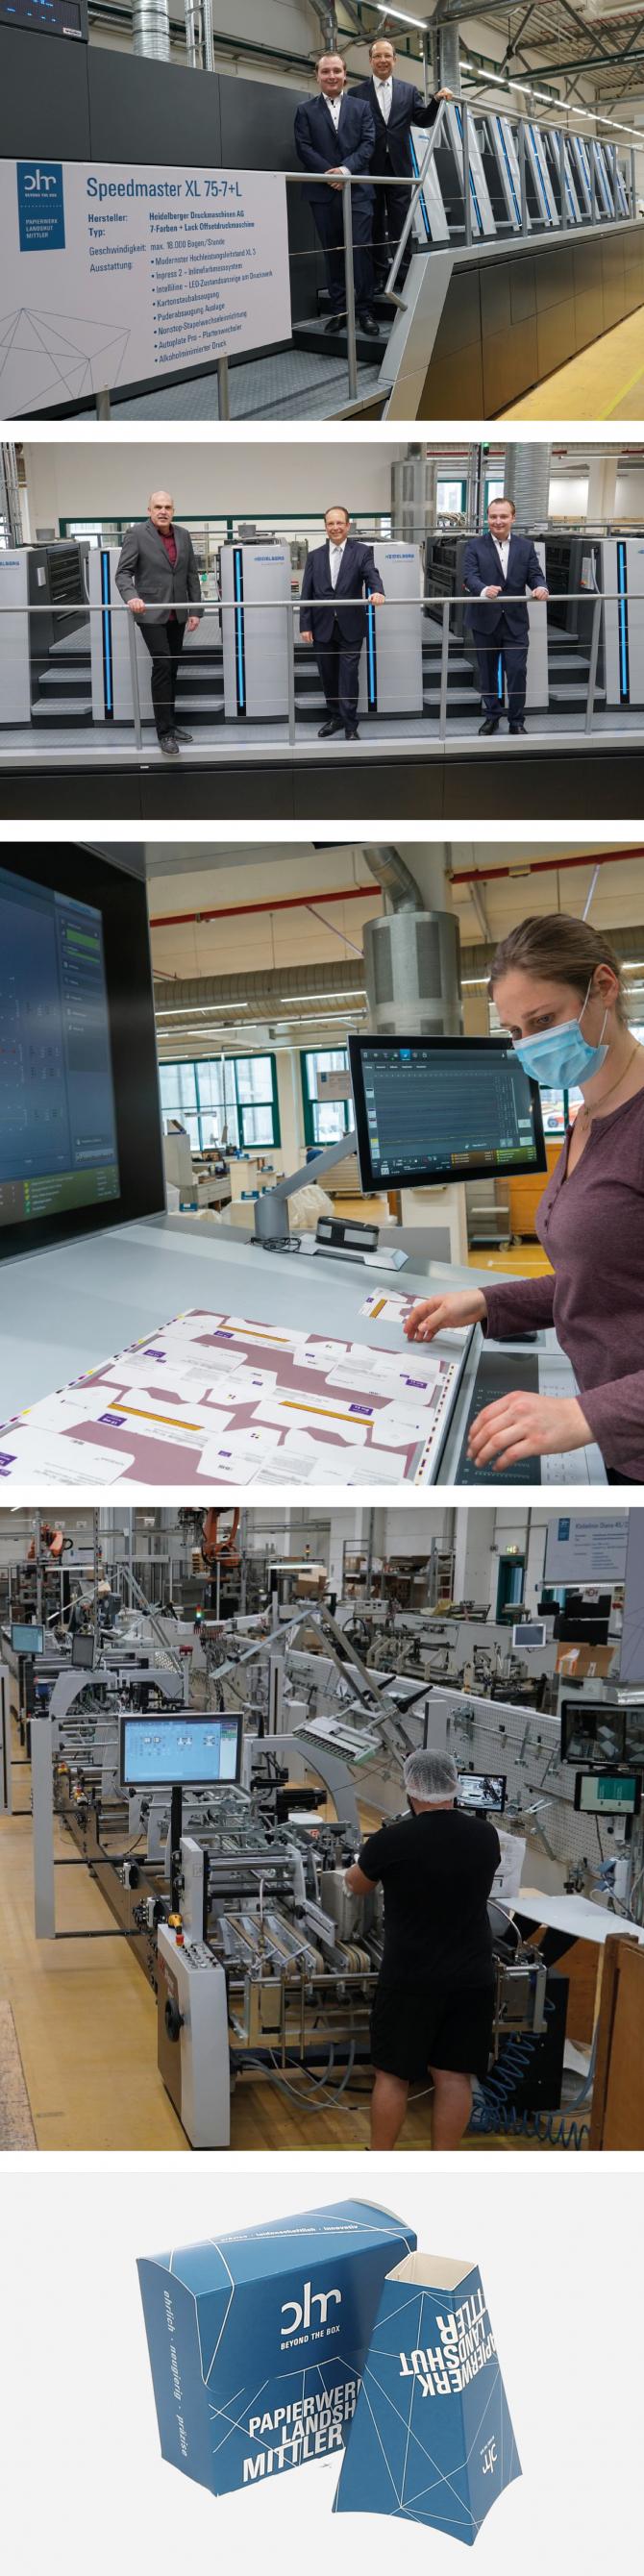 plm investiert in modernste Drucktechnologie / Bogenoffset / Verpackungsdruck / Speedmaster / 7 Farben Druckmaschine